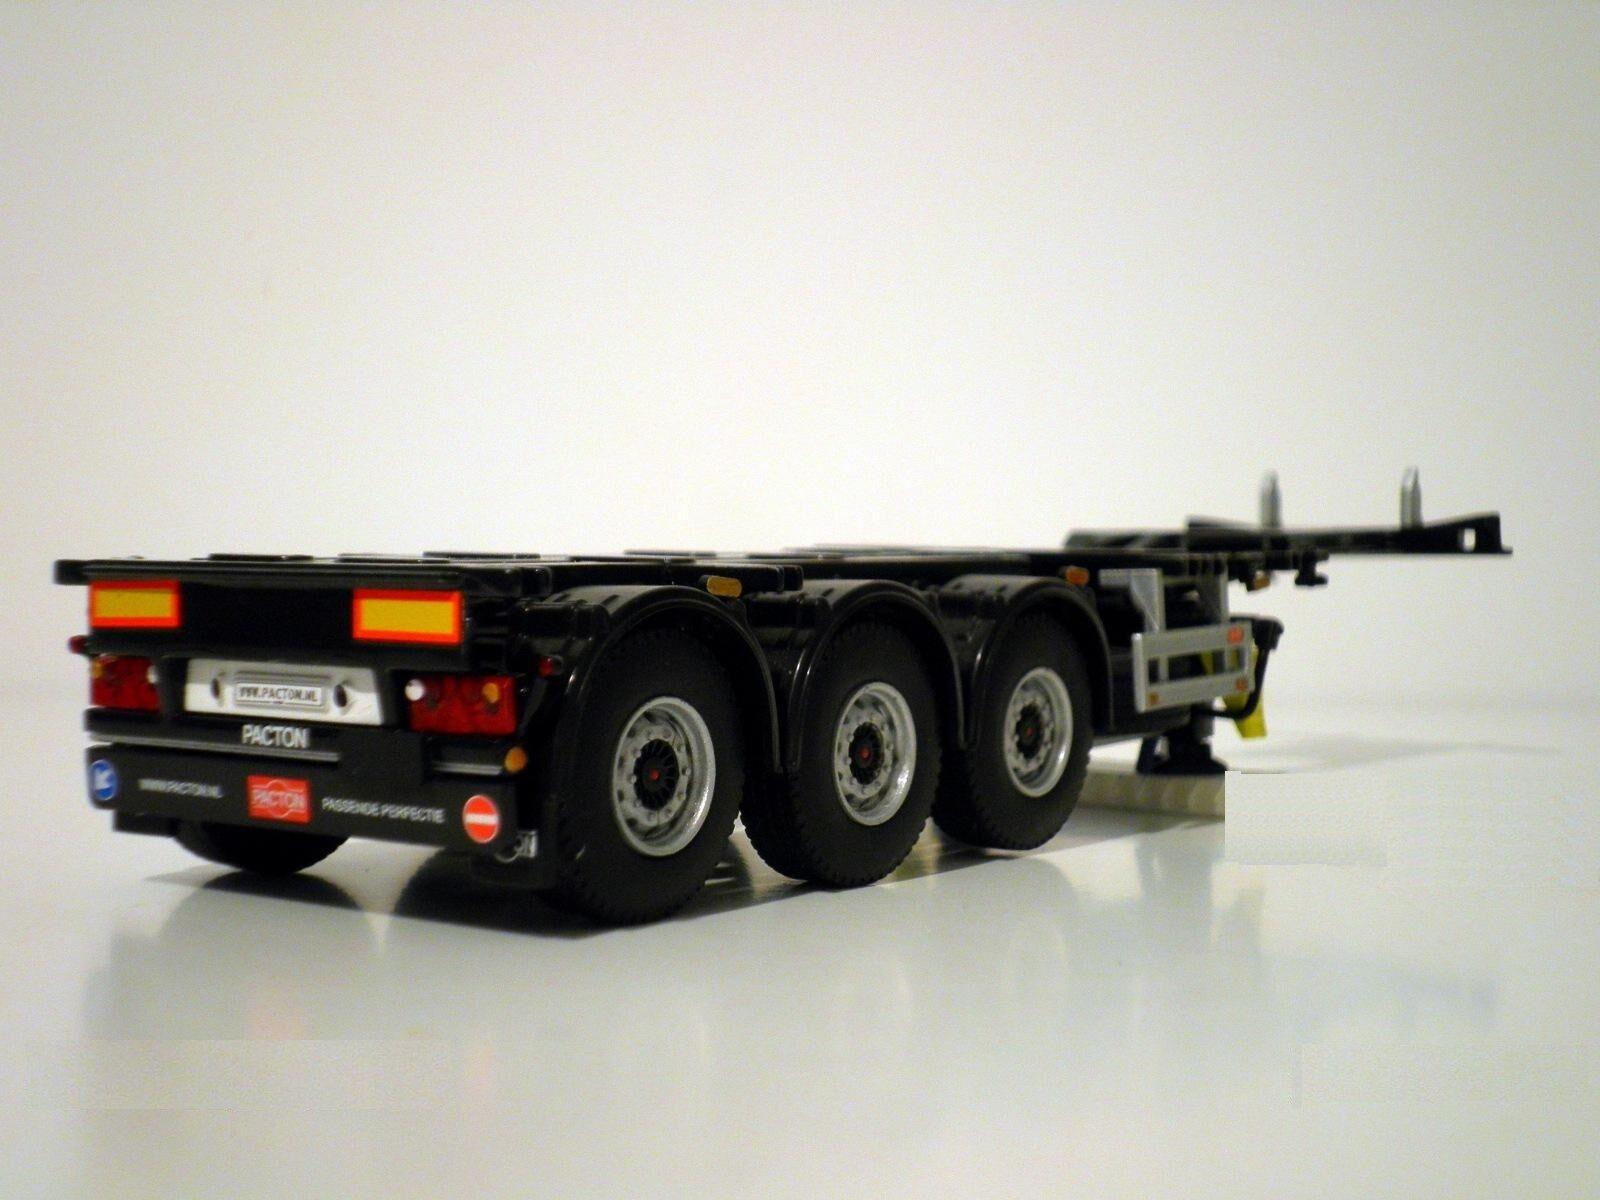 WSI modelos de camión, remolque de 3 ejes contenedor (extensible), 1 50